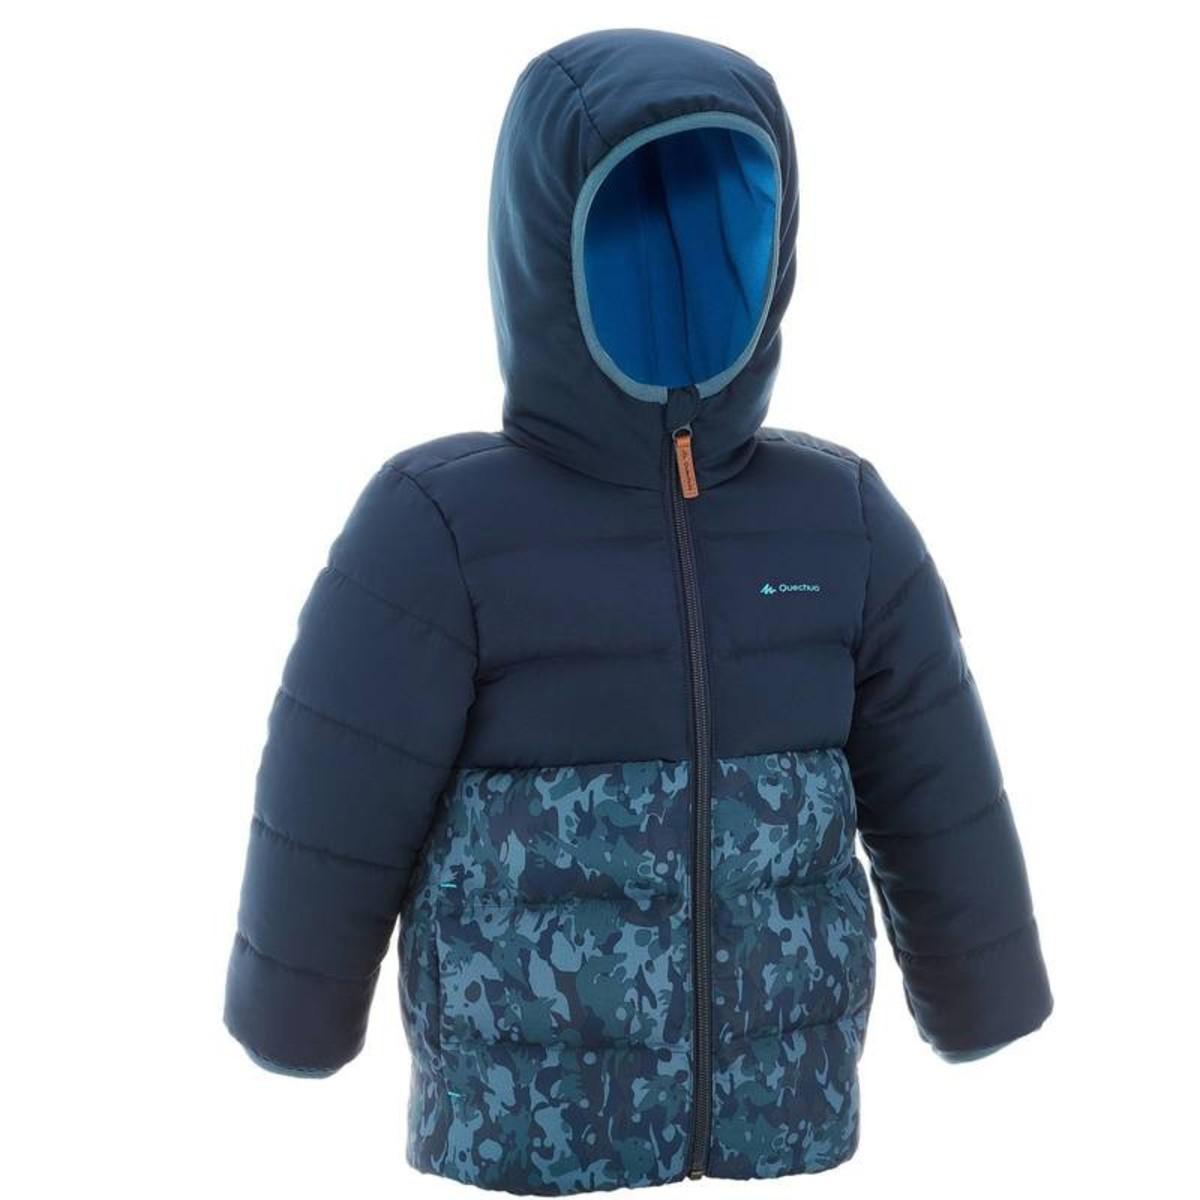 Bild 2 von QUECHUA Wattierte Jacke X-Warm Kinder blau, Größe: 2 J. - Gr. 86